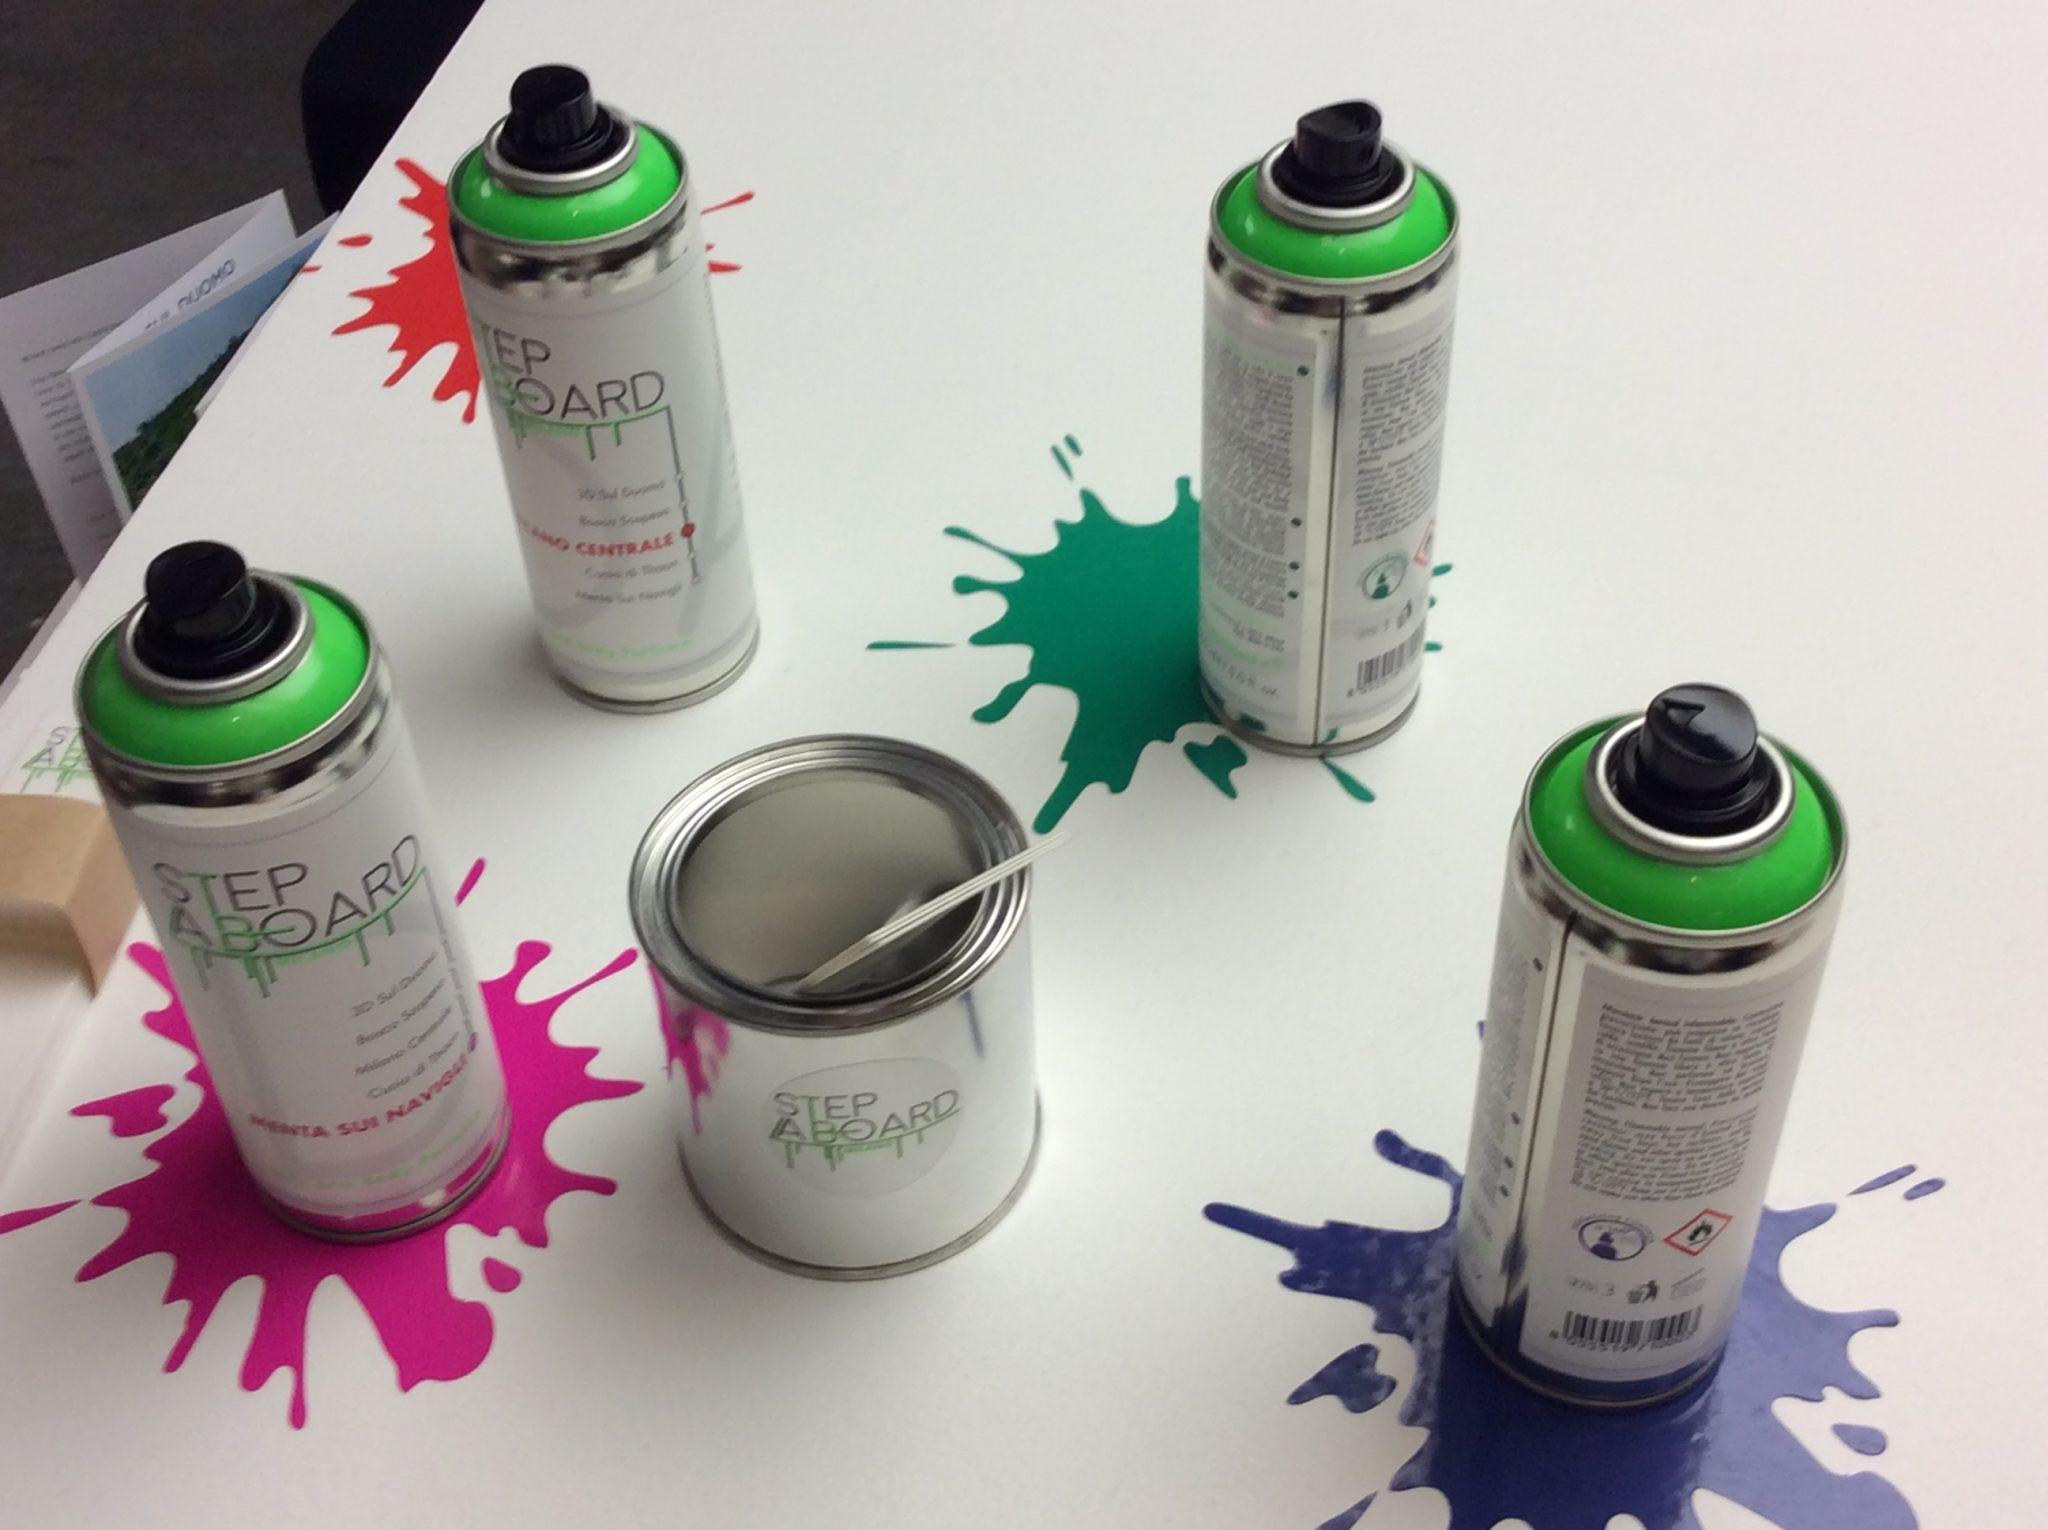 Profumi per corpo e capelli in bomboletta spray di ispirazione street art cittadina, dedicati alla città di Milano e al suo metrò, brand Step a Board